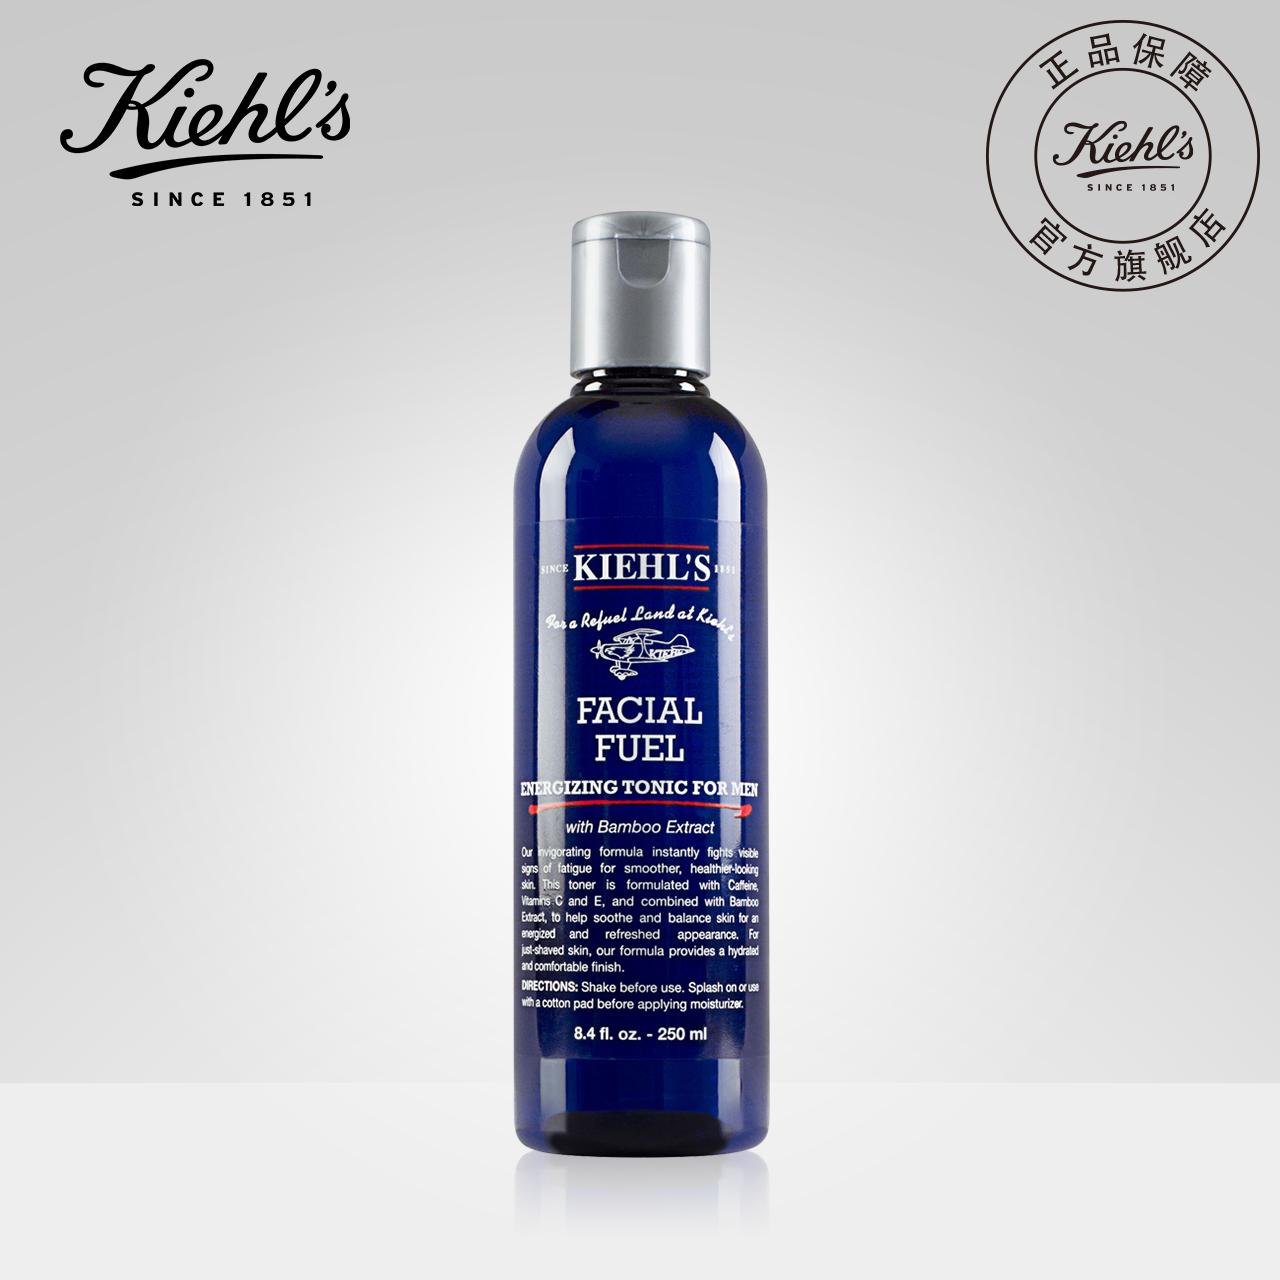 Kiehl's семья цвет клан мужской круто кожа воды 250ml контроля уровня масла доход собирать просыпаться кожа увлажняющий